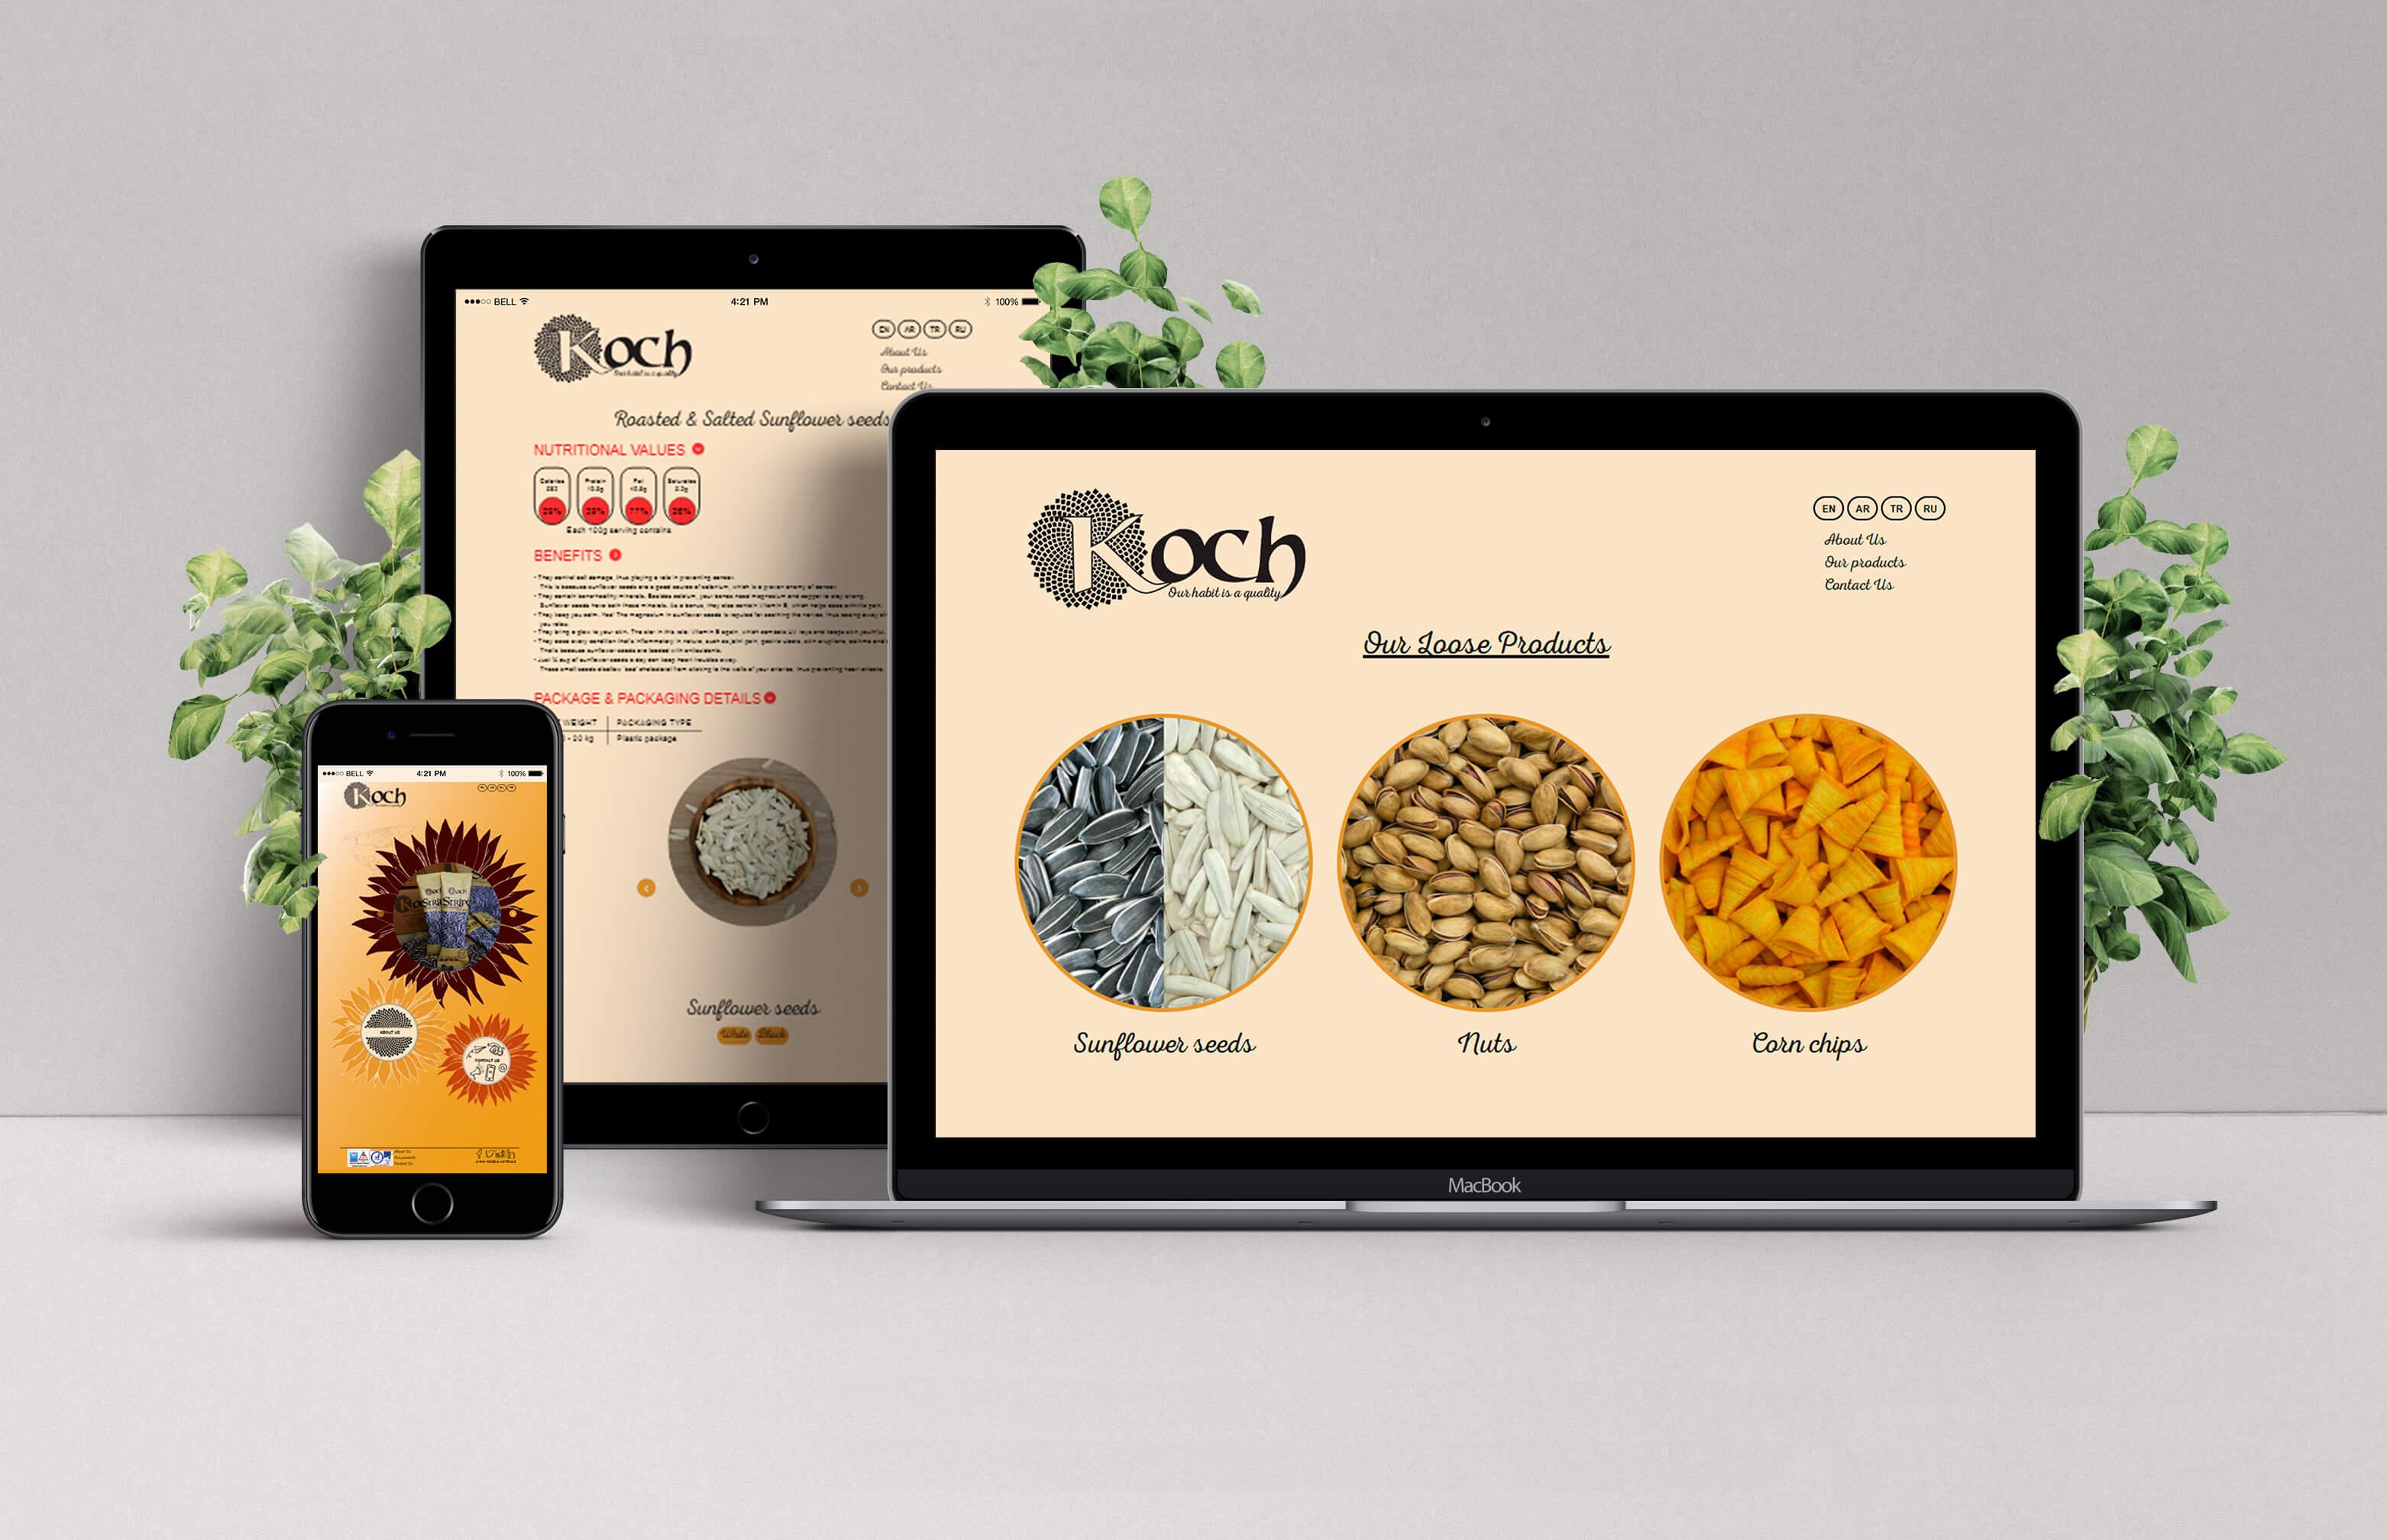 AlKoch website